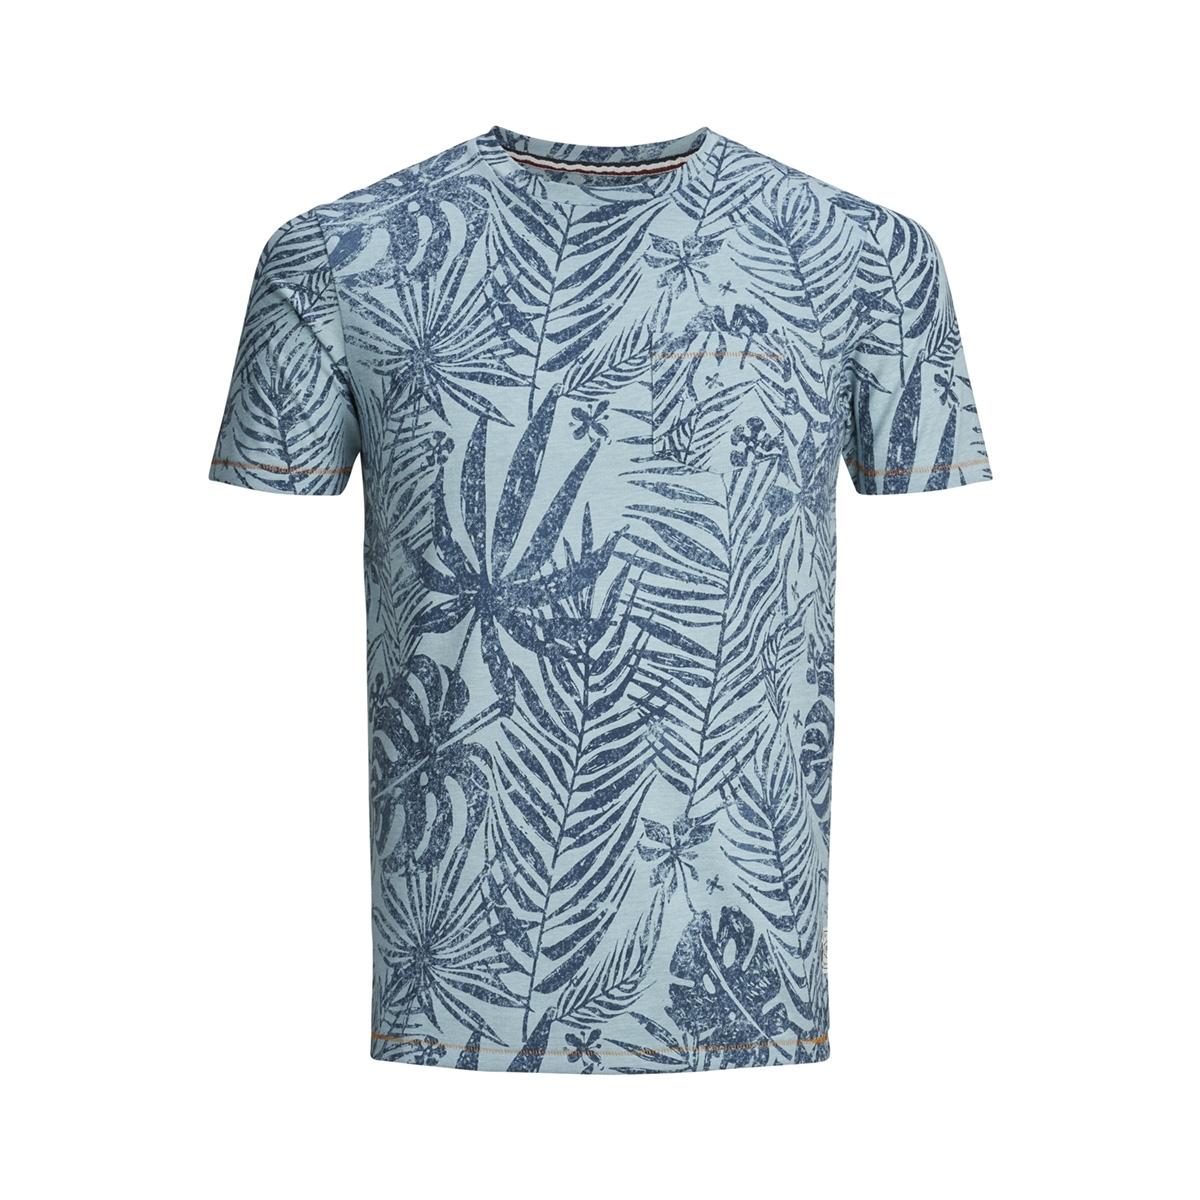 pktgms clyde aop tee ss 12149694 produkt t-shirt stone blue/melange